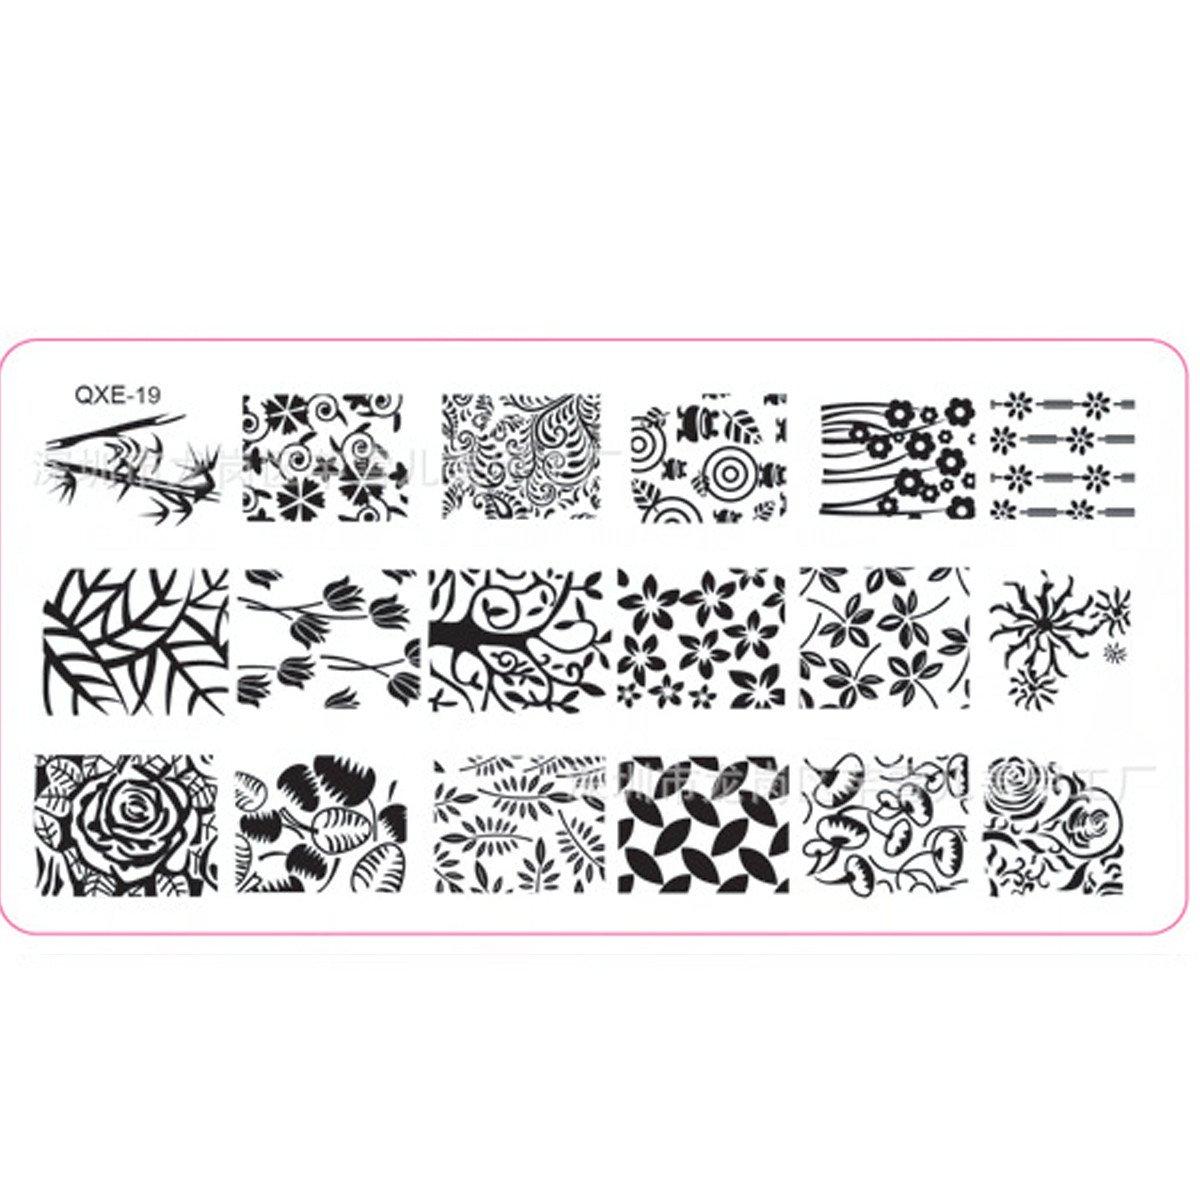 XLORDX New Nail art Plates Noël Avalez autour Image Stamping Manicure Plaque de Tampons Vernis Timbre QXE19